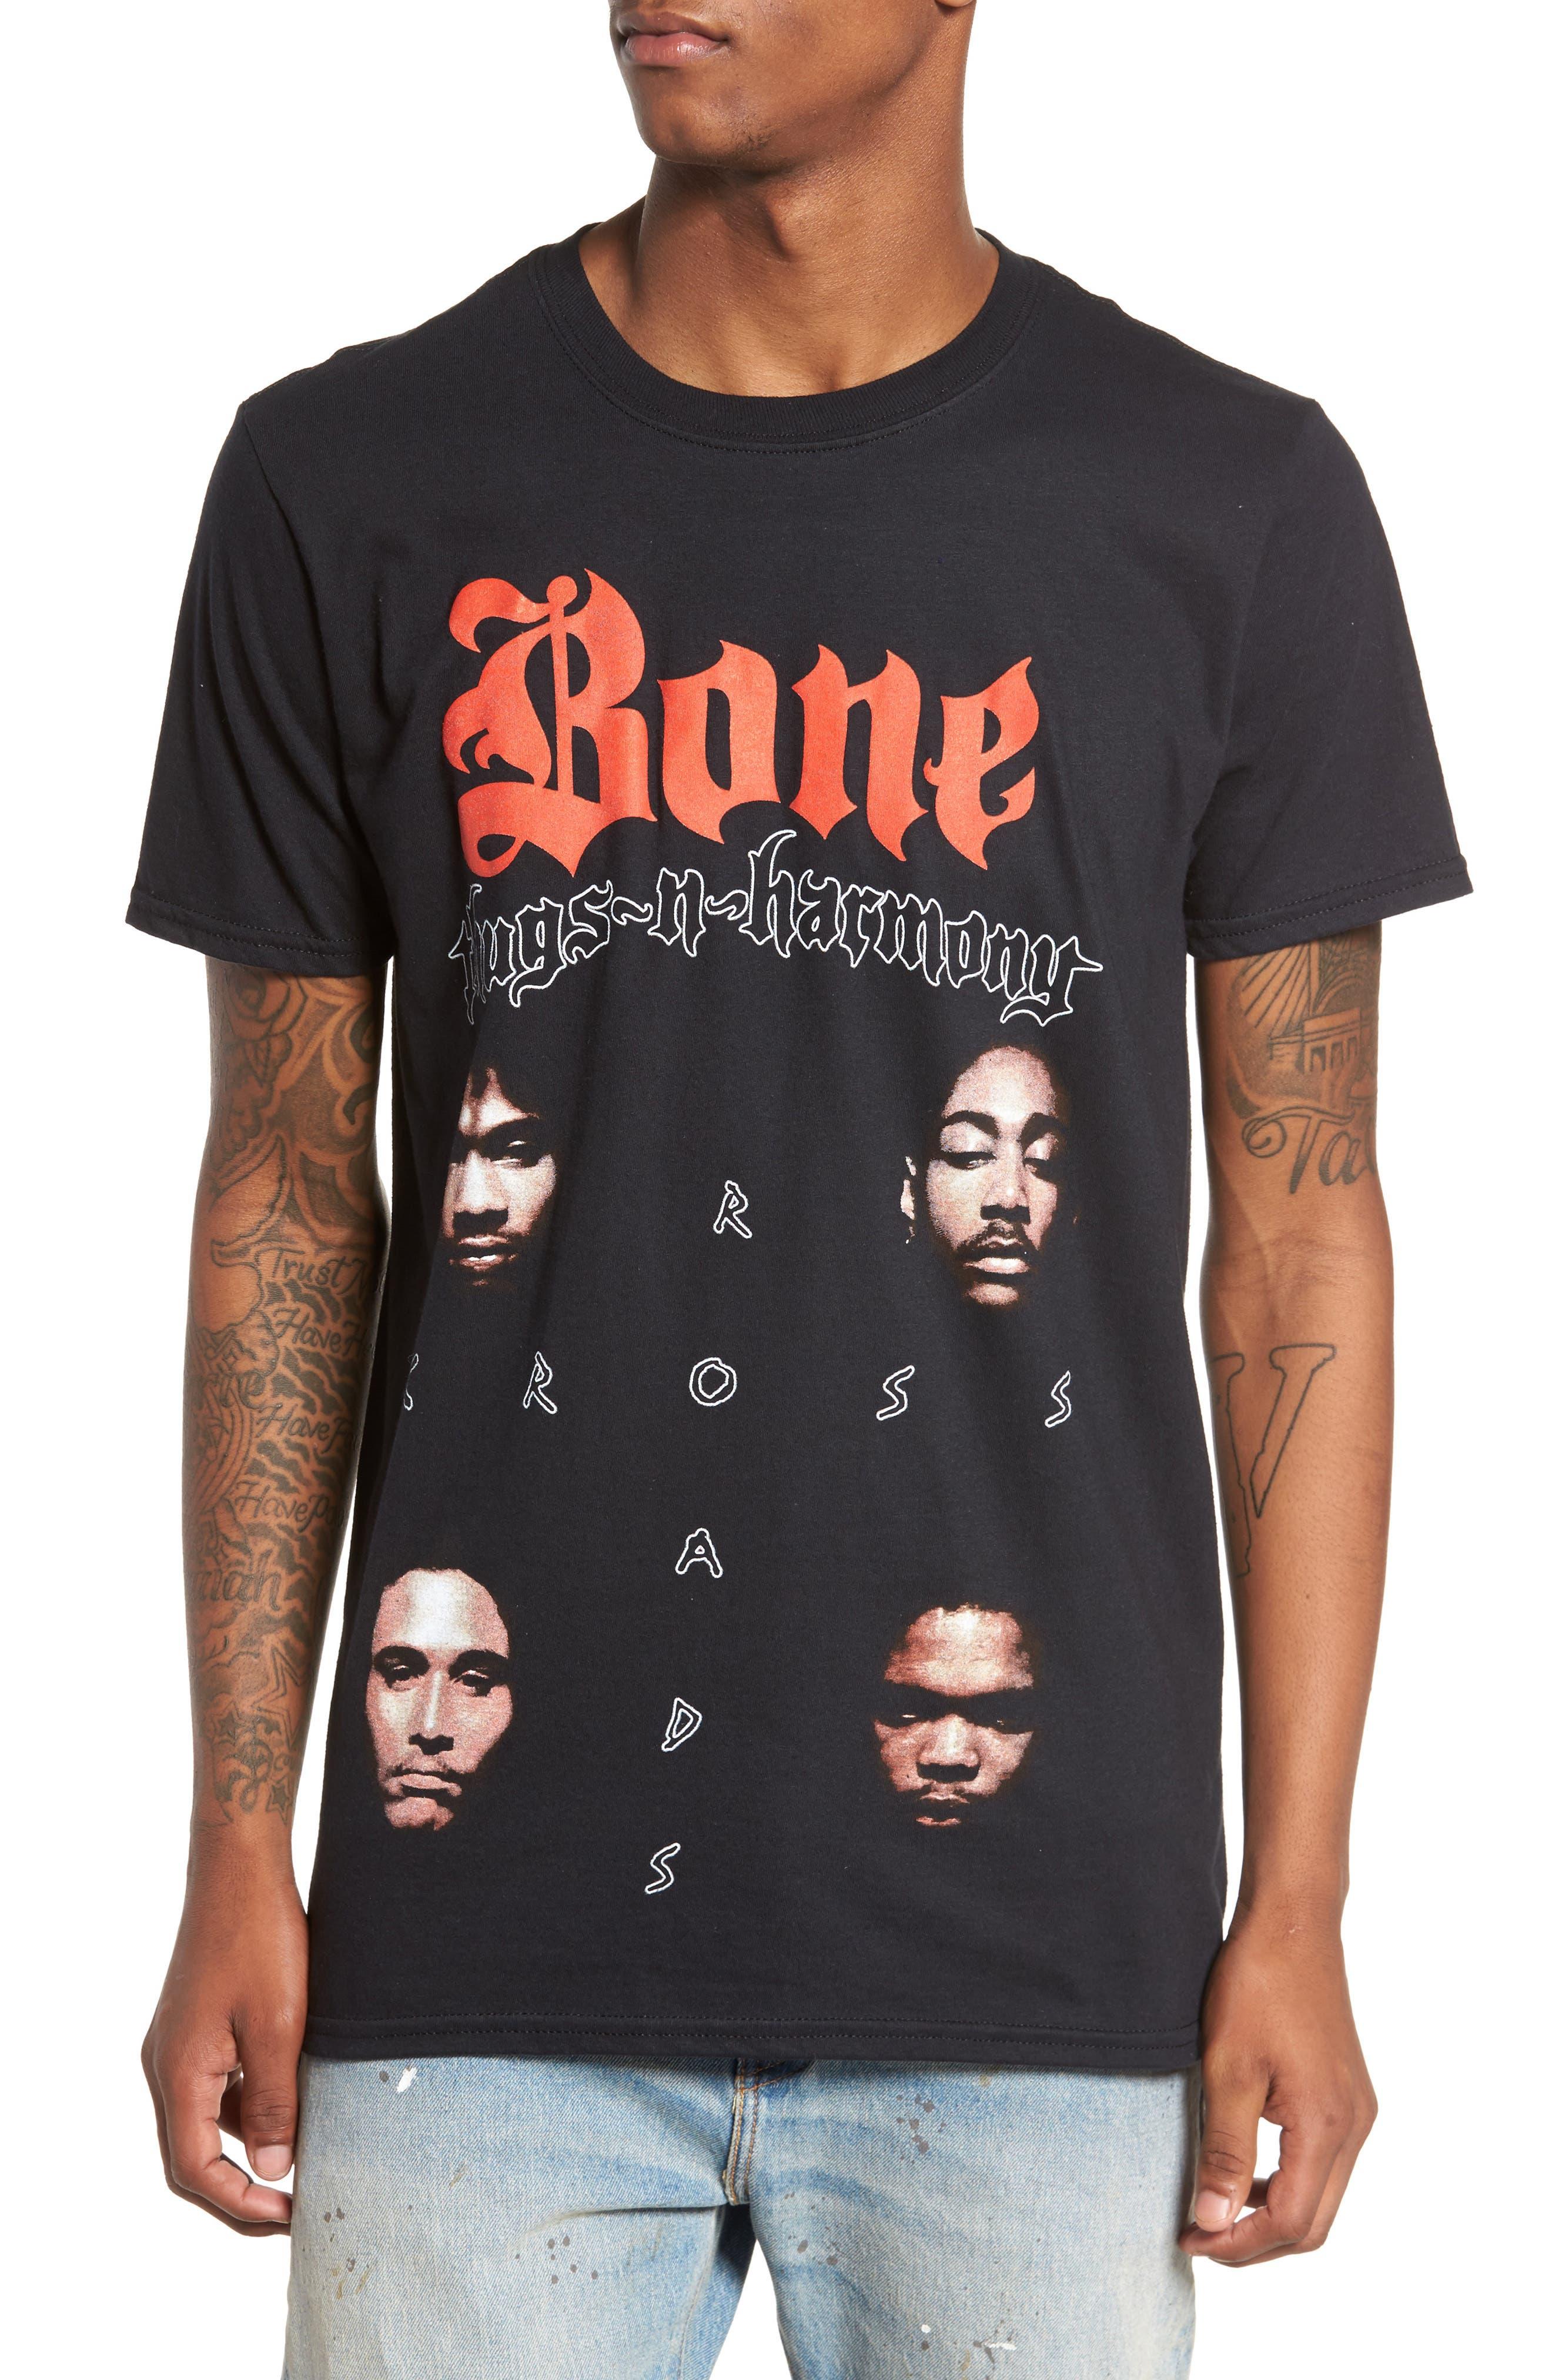 Bone Thugs-n-Harmony T-Shirt,                         Main,                         color, Black Tee Bone Thugs